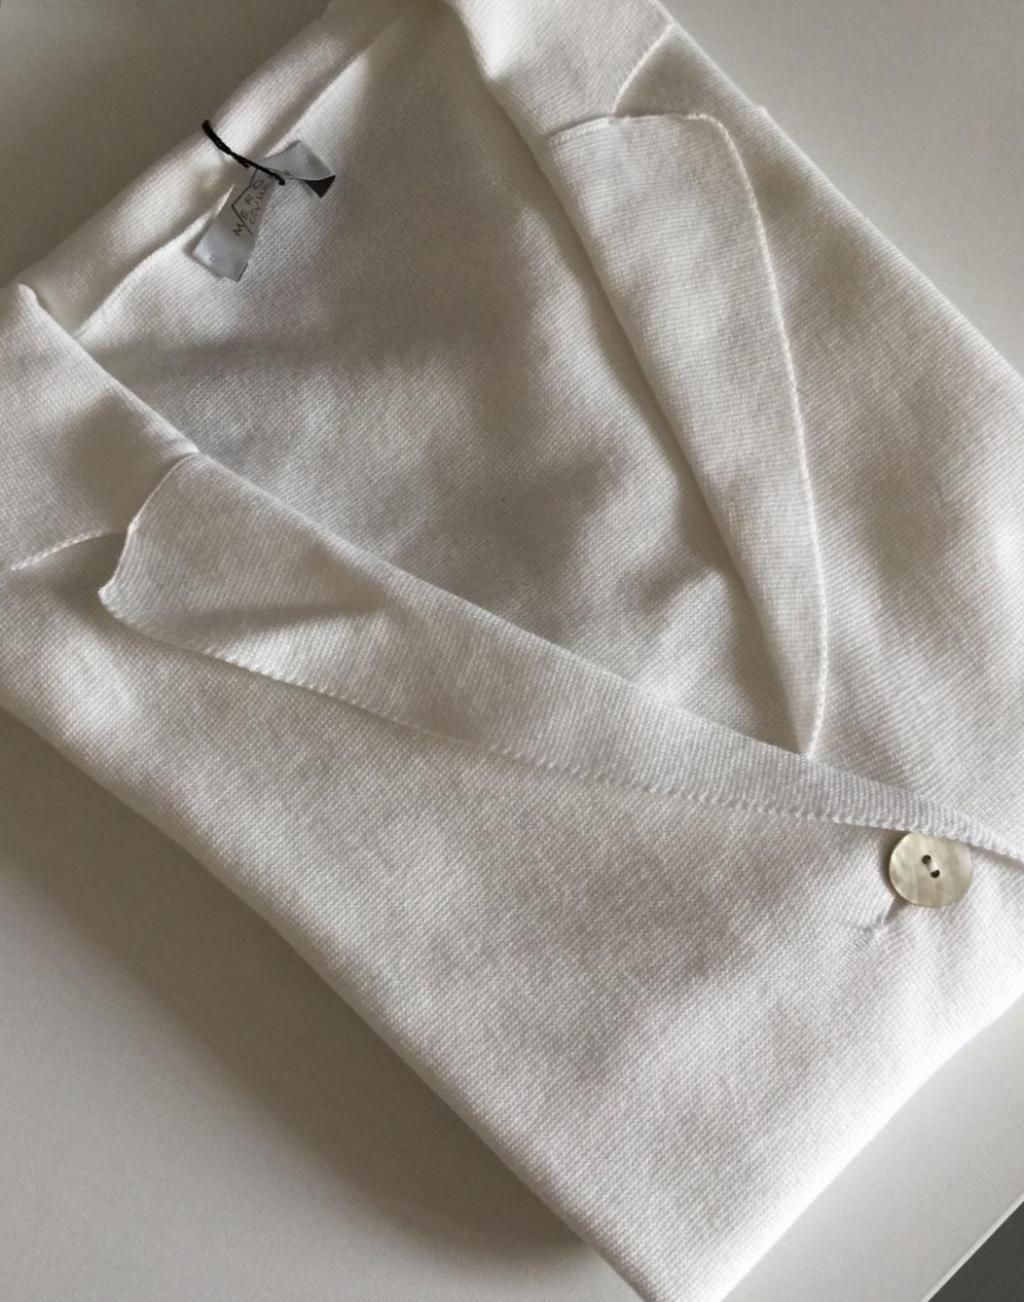 Giacchina in Maglia S260141, tessuto cotone, filato leggero sottile, manica lunga